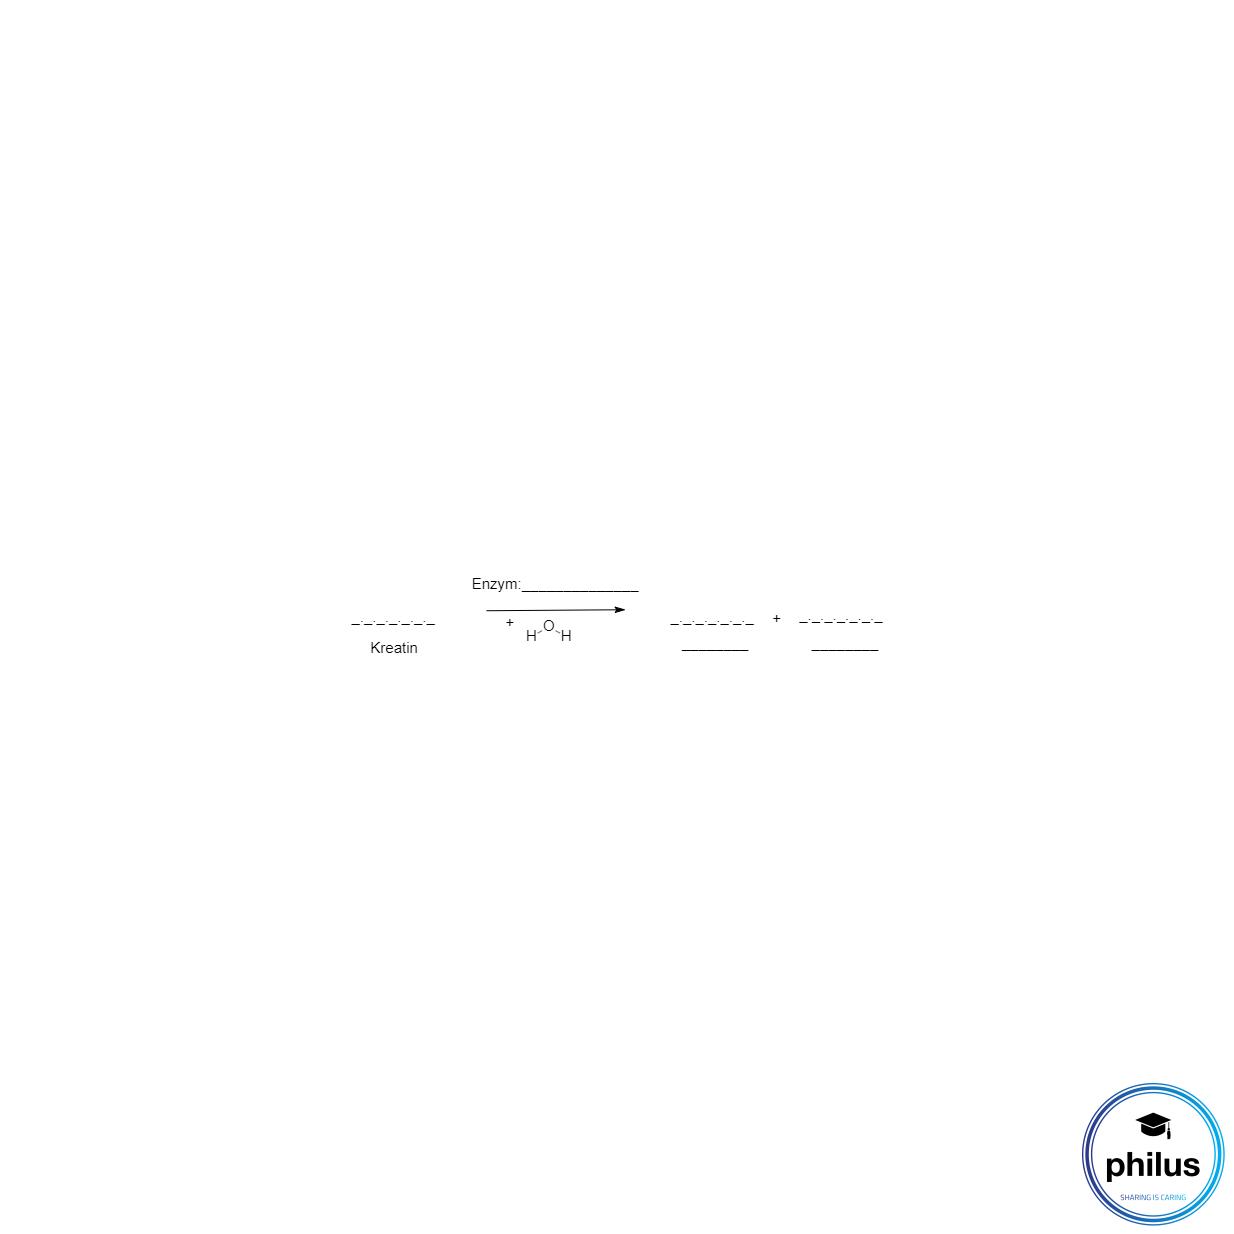 enzymatischer Kreatin-Abbau zu Sarkosin durch Kreatinase (Kreatinin-PAP-Farbtest) (unvollständig)